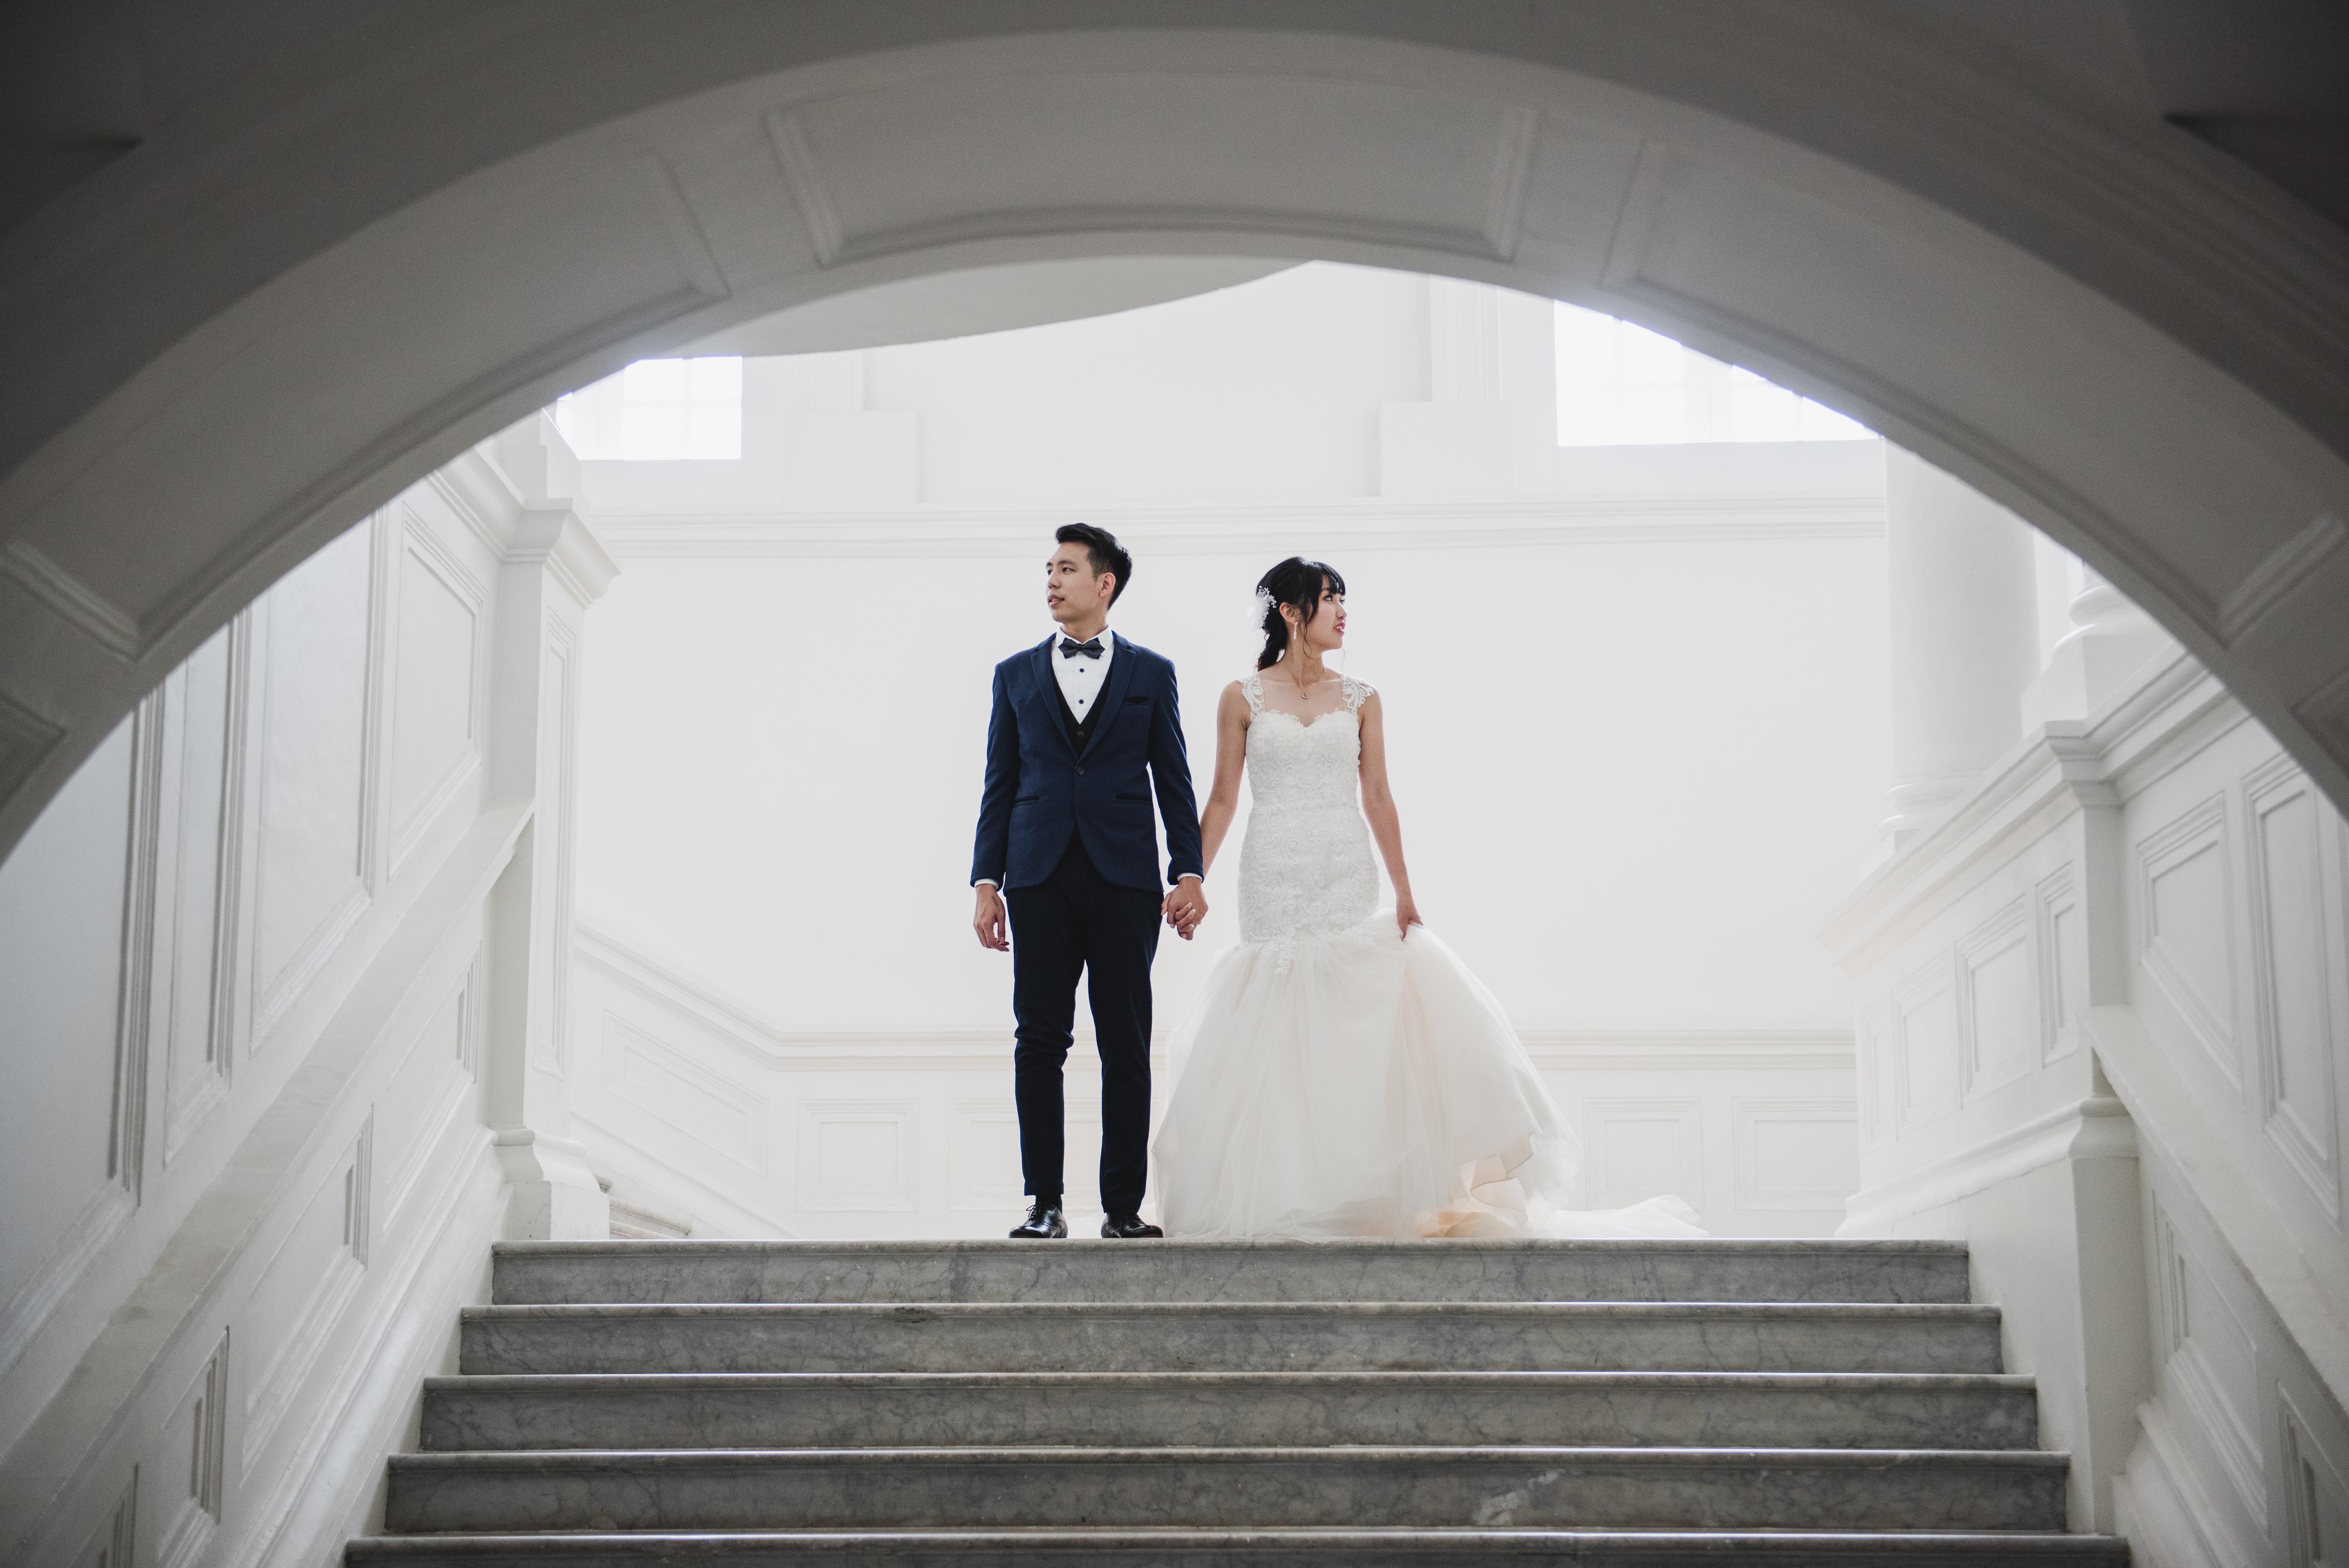 Zhi Sheng & Alina - PW-19